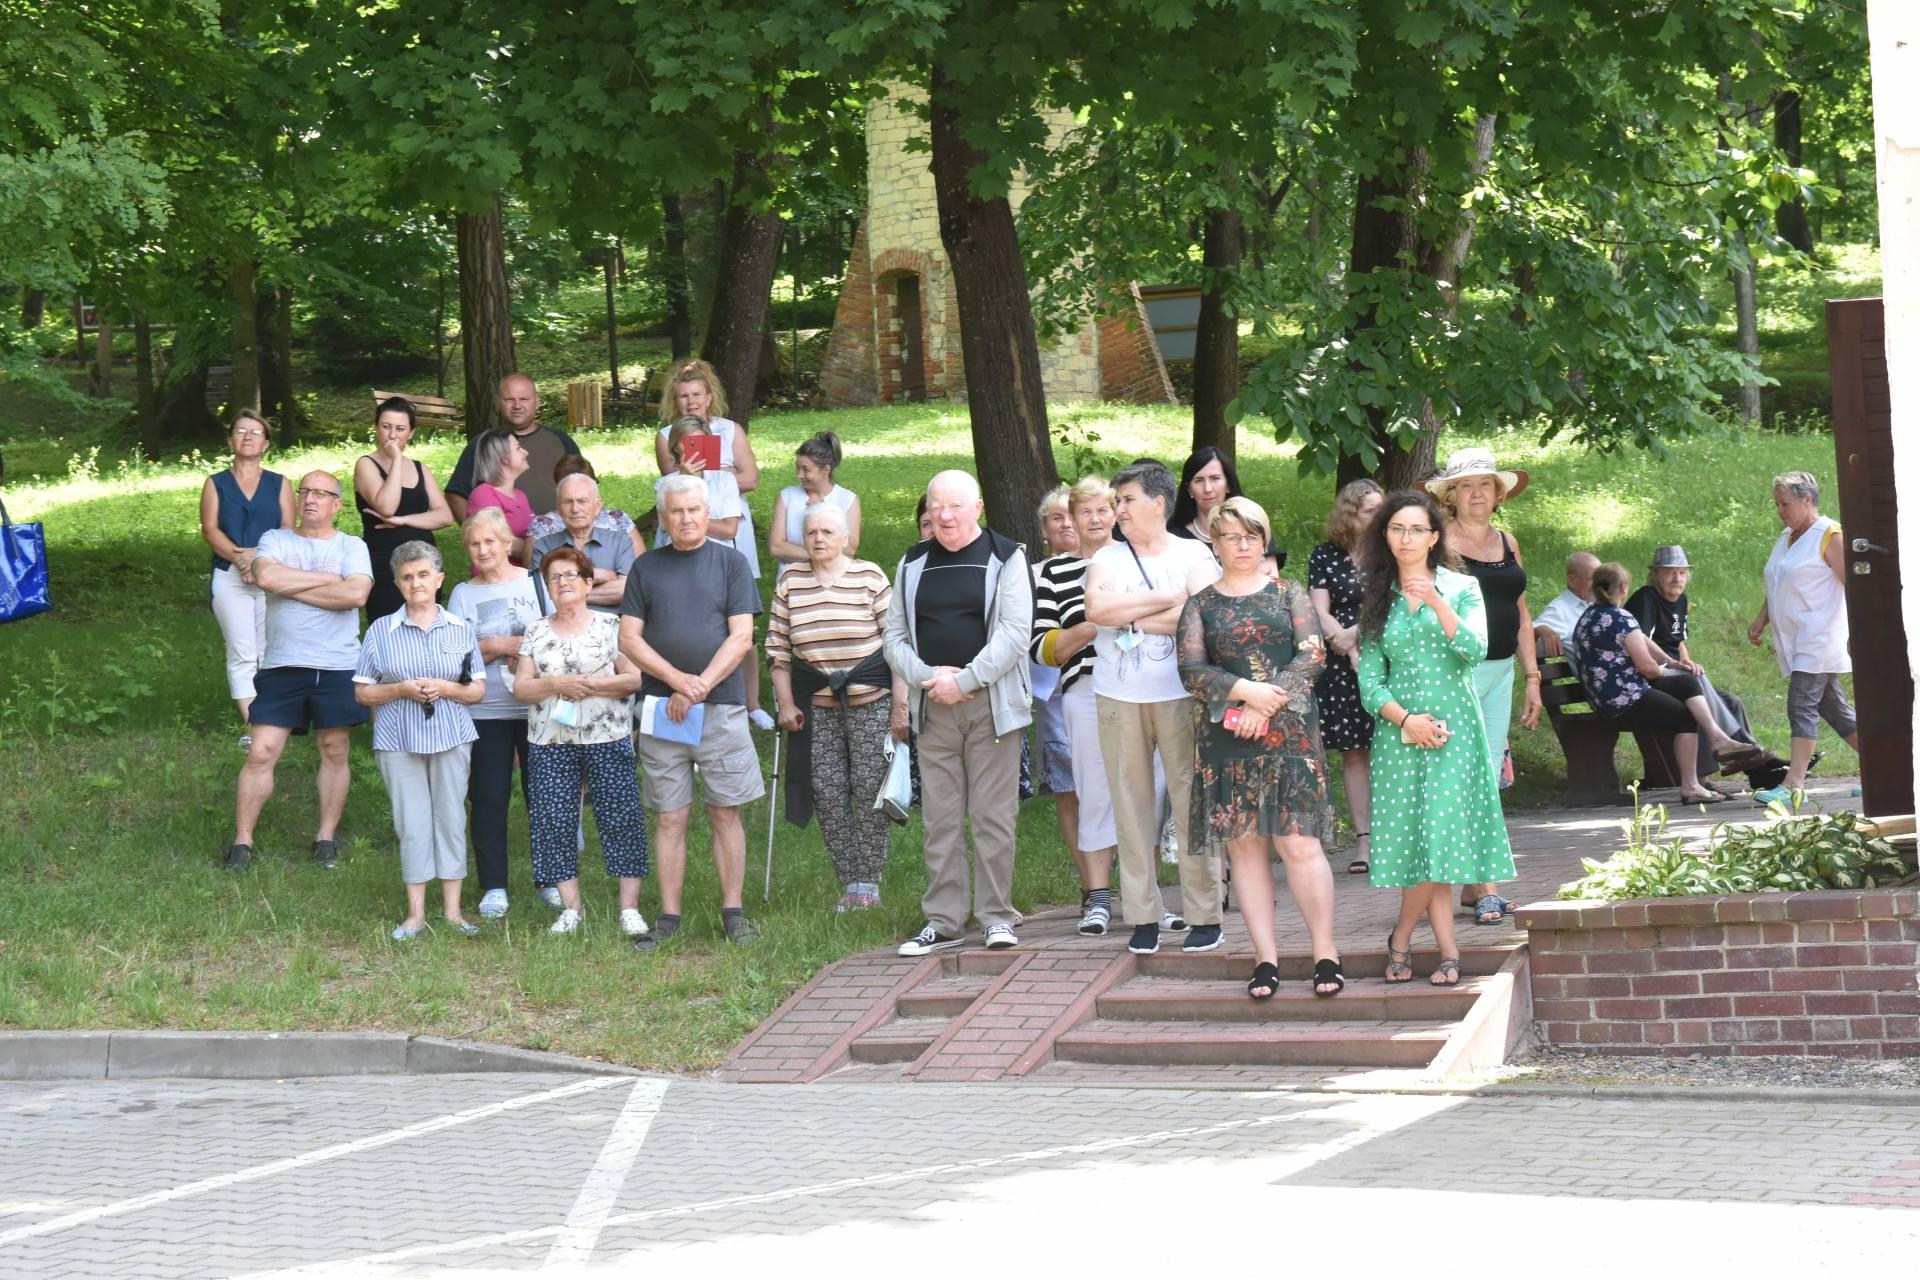 dsc 7523 Za 80 mln zł rozbudowane zostanie sanatorium w Krasnobrodzie.